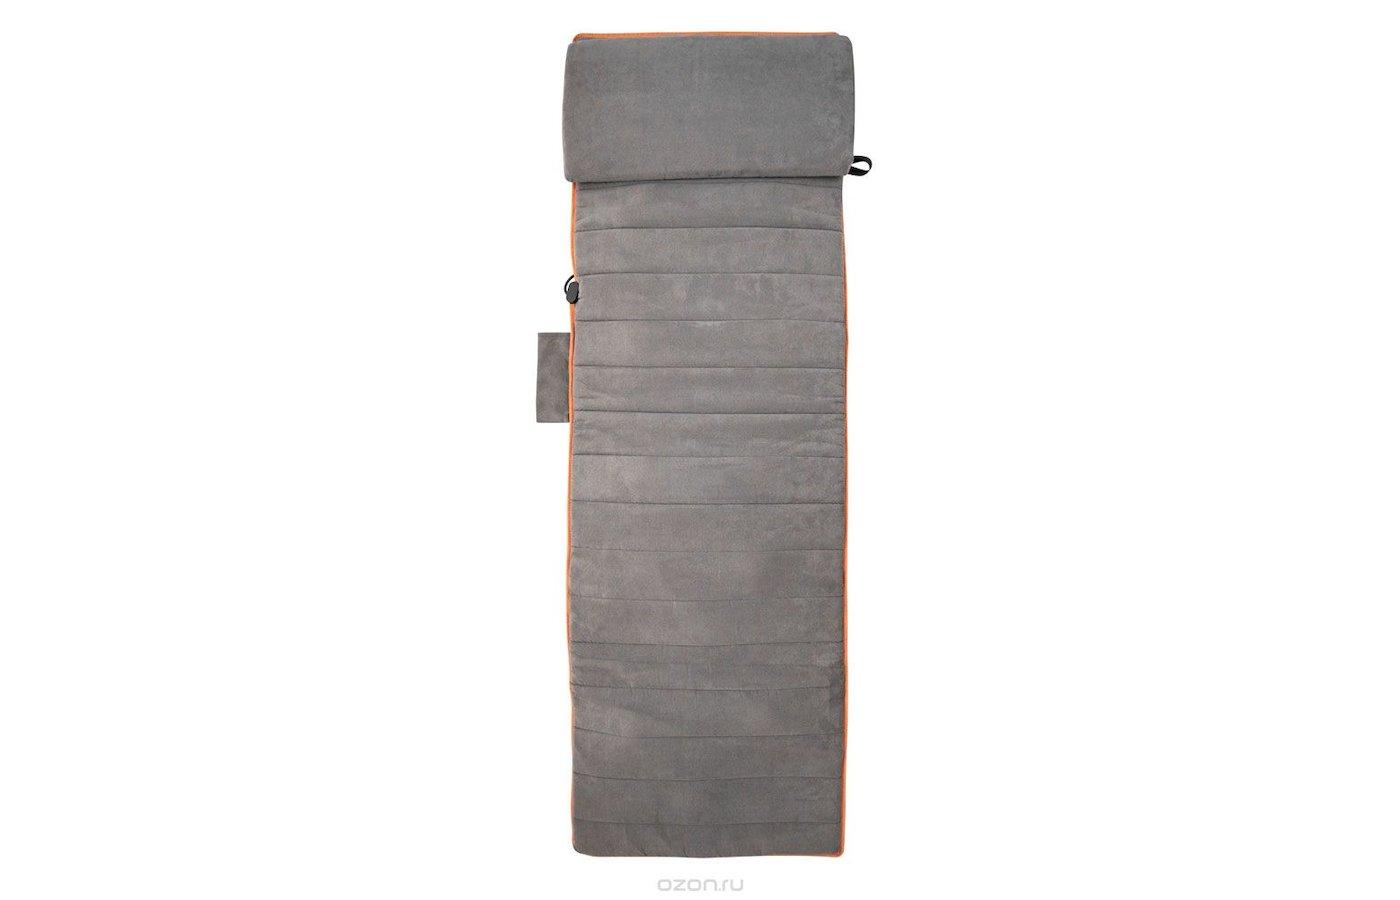 Массажеры для тела PLANTA MM-4000 XXL RELAX (массажный матрас)